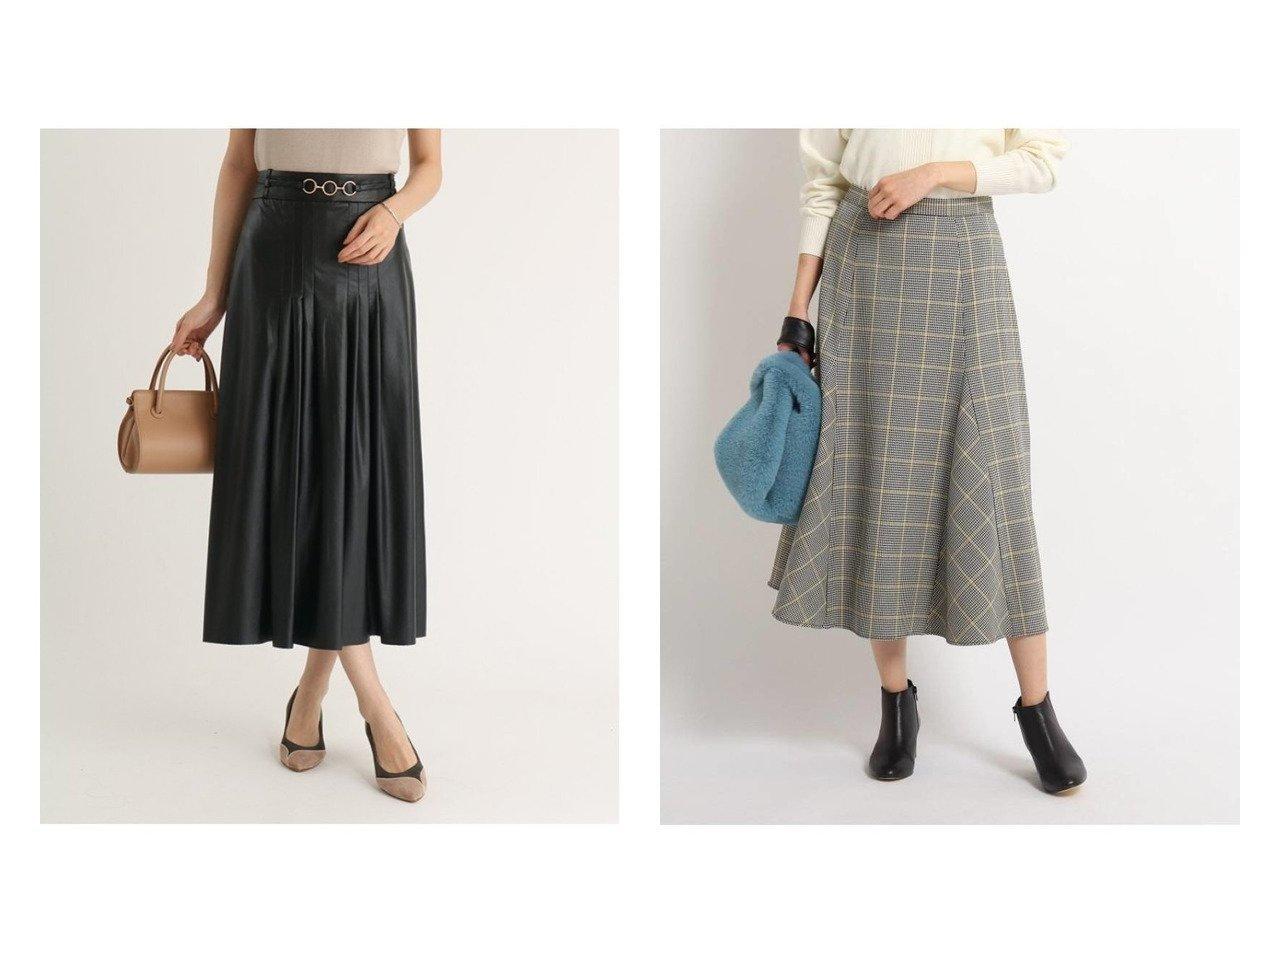 【FENNEL/フェンネル】のウエストベルトエコレザースカート&【Dessin/デッサン】の【XS~Lサイズあり・洗える】フレアースカート おすすめ!人気トレンド・レディースファッションの通販 おすすめで人気のファッション通販商品 インテリア・家具・キッズファッション・メンズファッション・レディースファッション・服の通販 founy(ファニー) https://founy.com/ ファッション Fashion レディース WOMEN スカート Skirt ベルト Belts A/W 秋冬 Autumn &  Winter トレンド フレア フロント リアル 秋 ショート チェック フレアースカート |ID:crp329100000006486